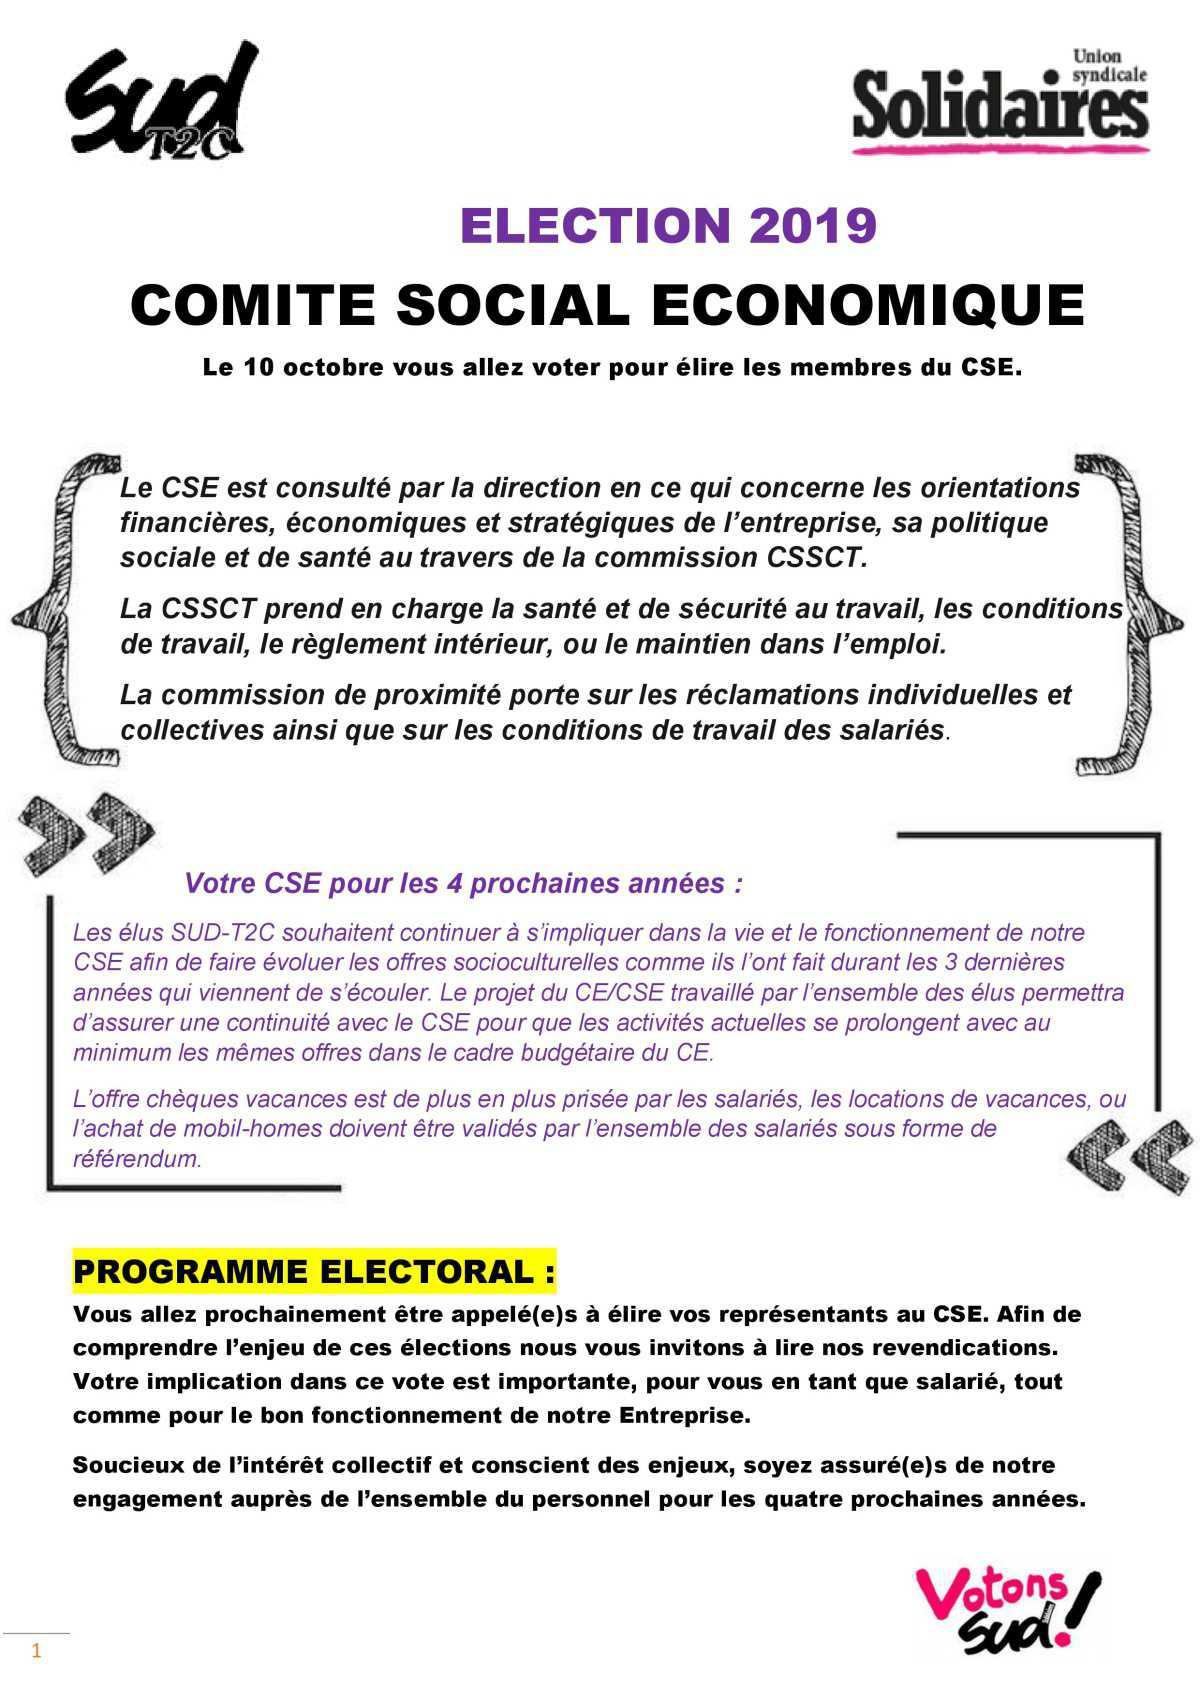 ELECTION 2019 COMITE SOCIAL ECONOMIQUE Le 10 octobre vous allez voter pour élire les membres du CSE